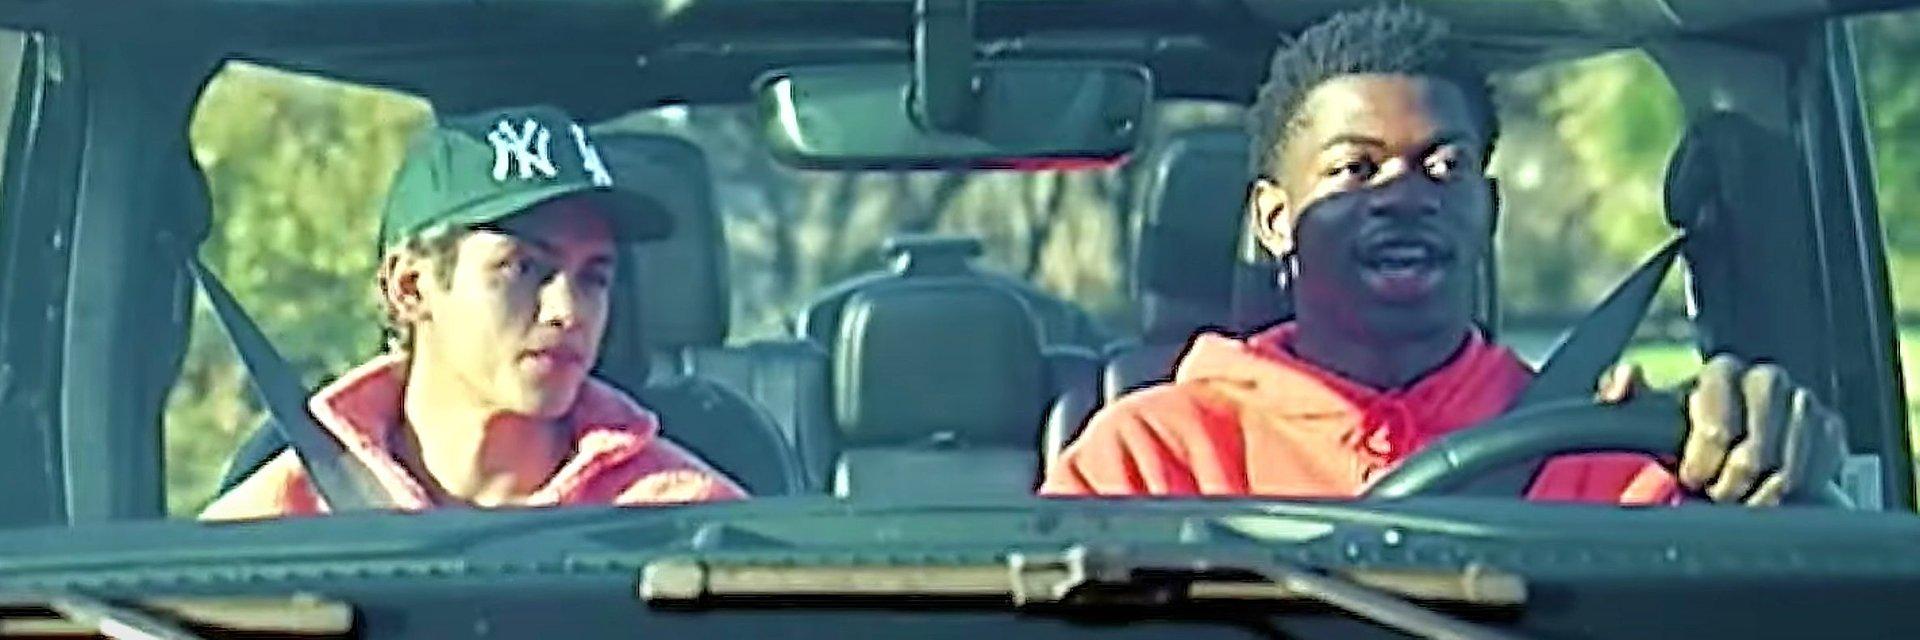 Surrealistyczna przygoda Lil Nas X'a i Dominica Fike'a w teledysku BROCKHAMPTON